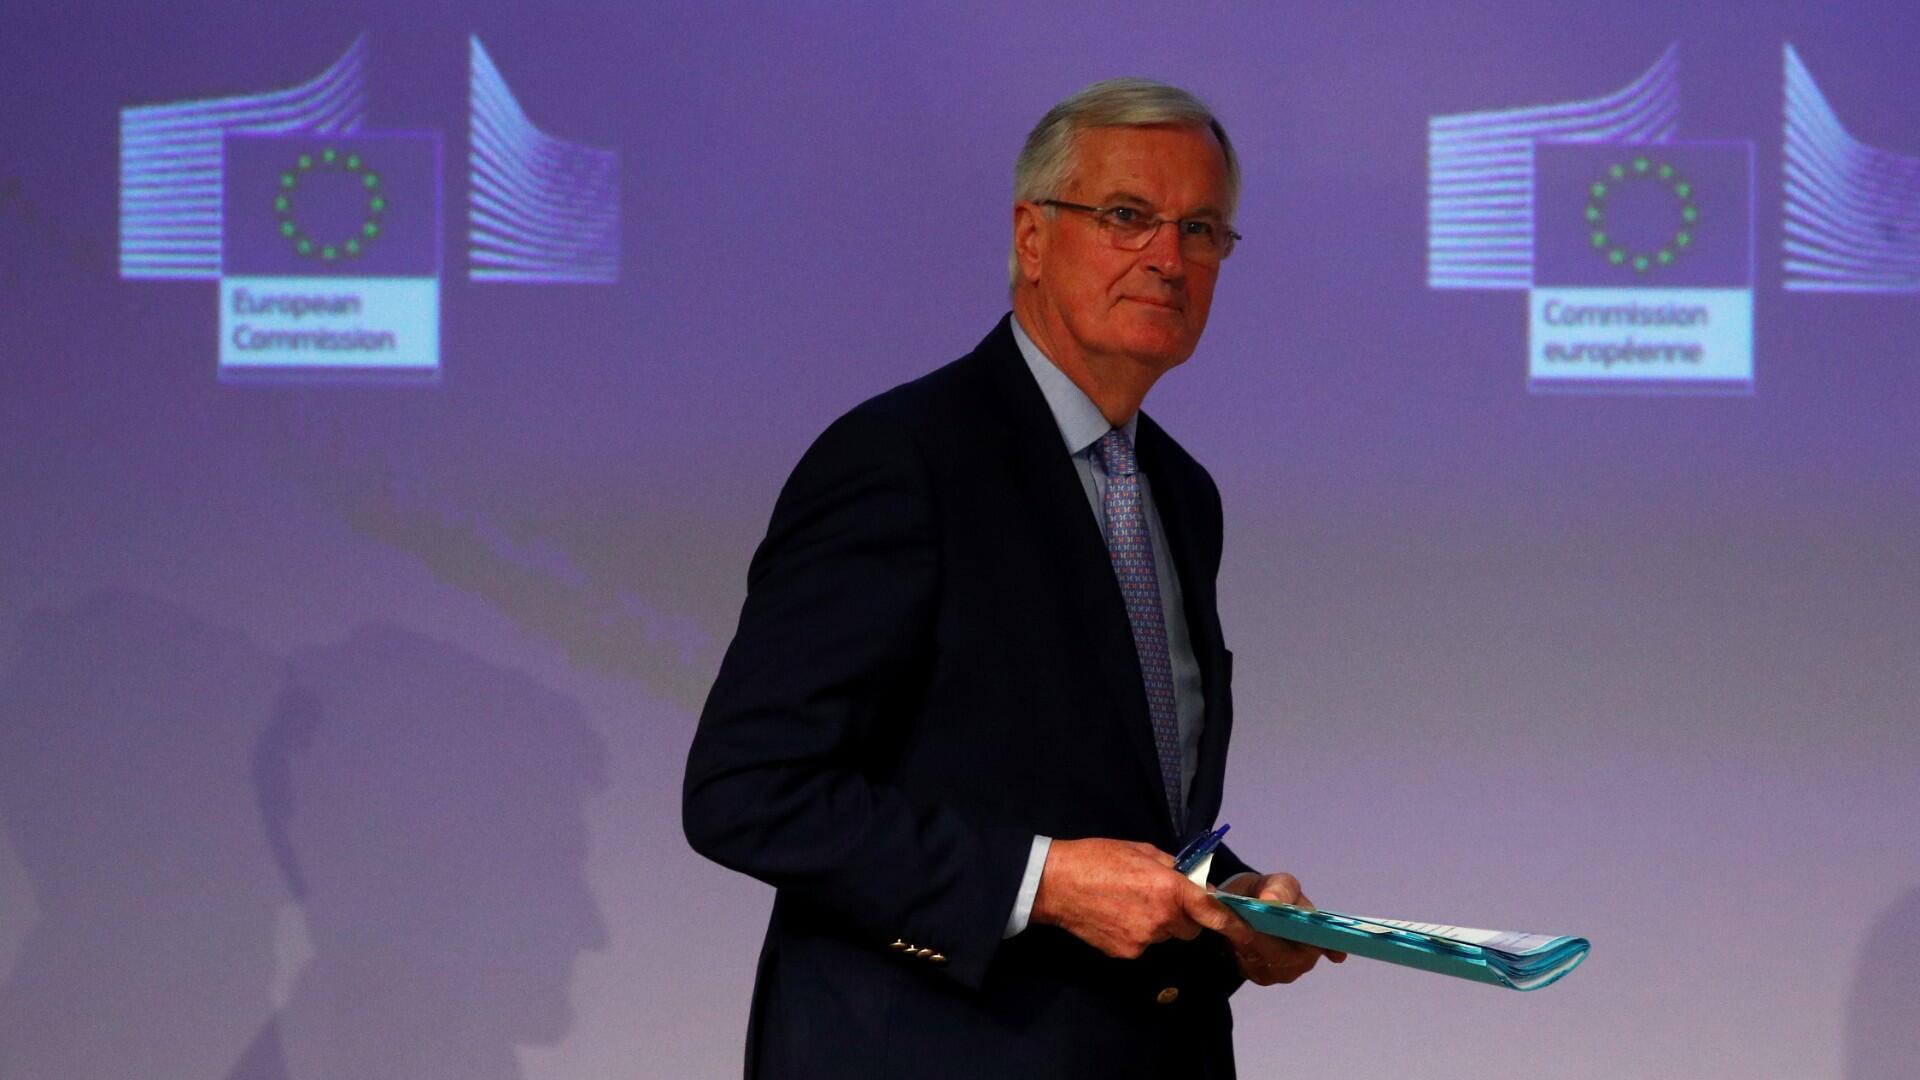 Le négociateur en chef de l'UE, Michel Barnier, lors des discussions sur l'accord commercial du Brexit à Bruxelles, le 15 mai 2020.